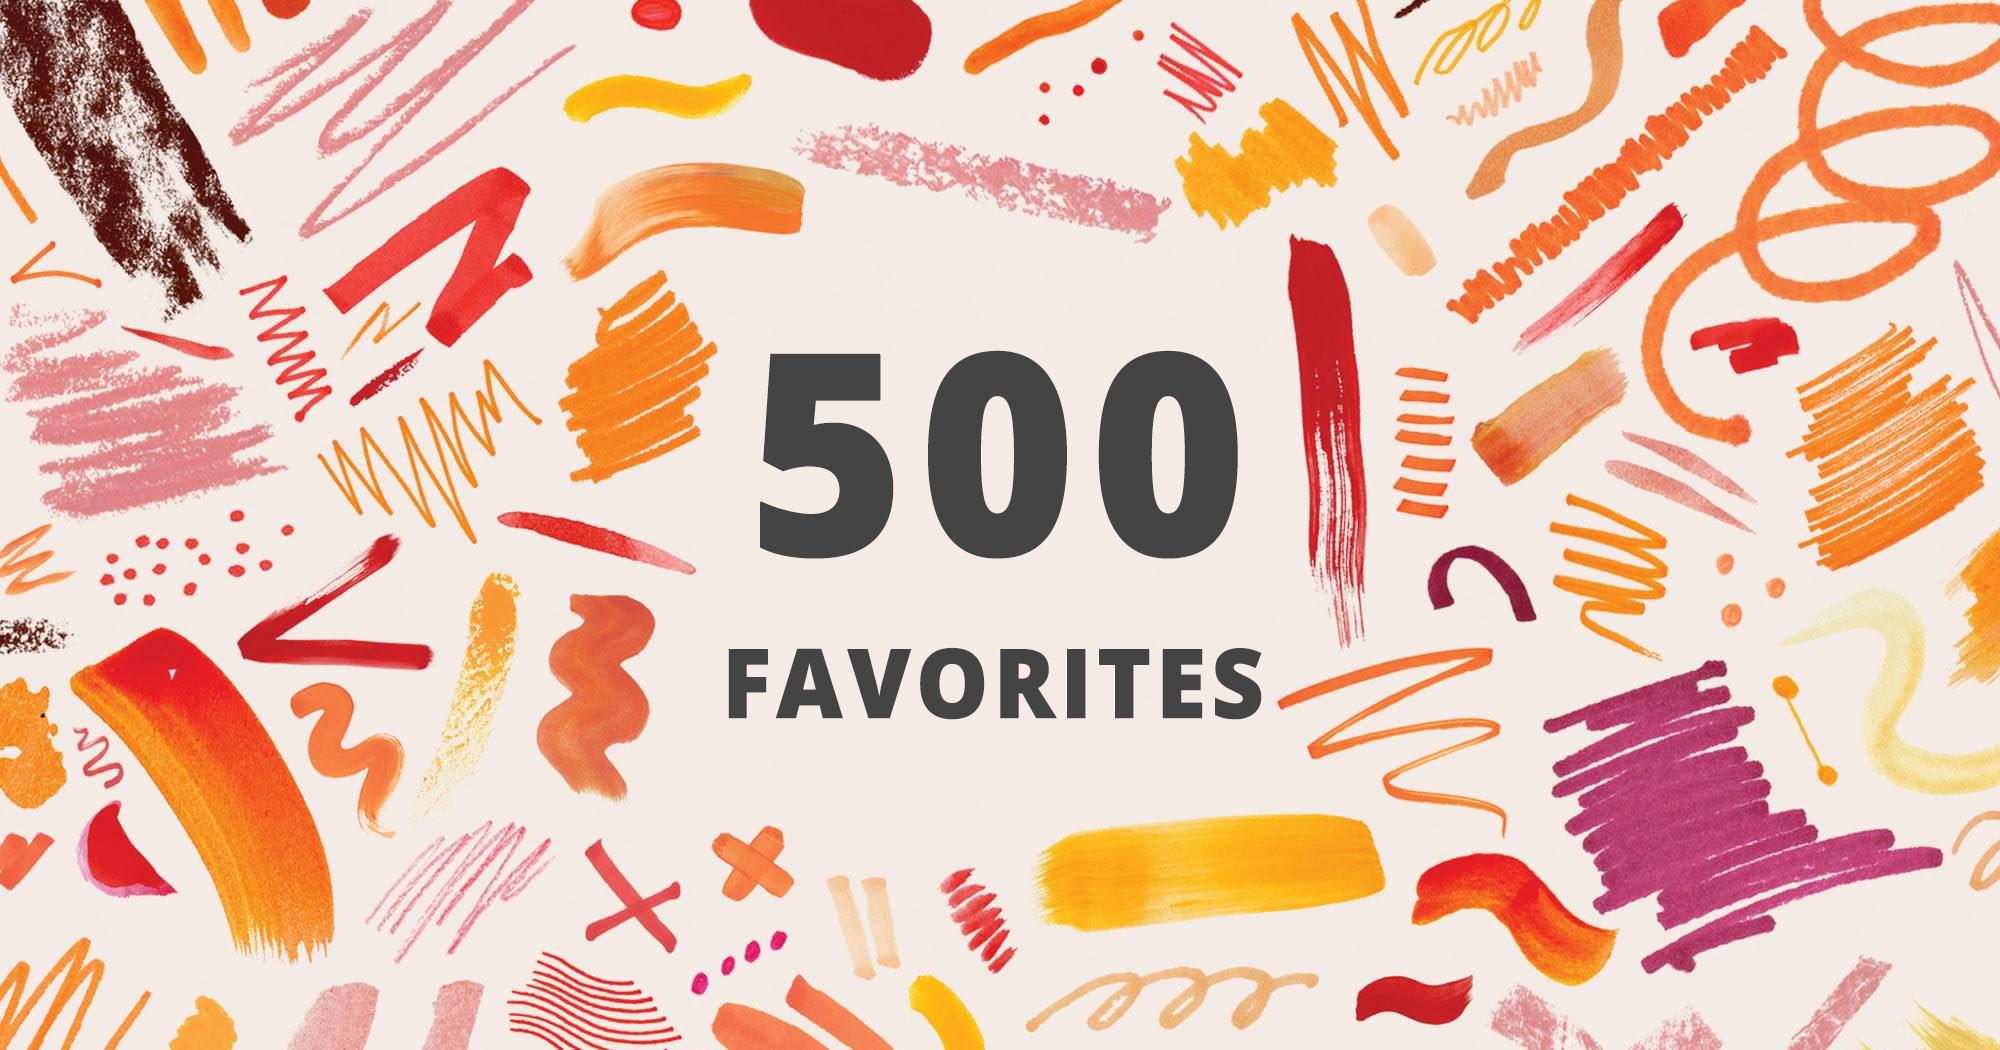 500+ Favorites for You Etsy Shop - 2020 Etsy Favorites Promotion Pack